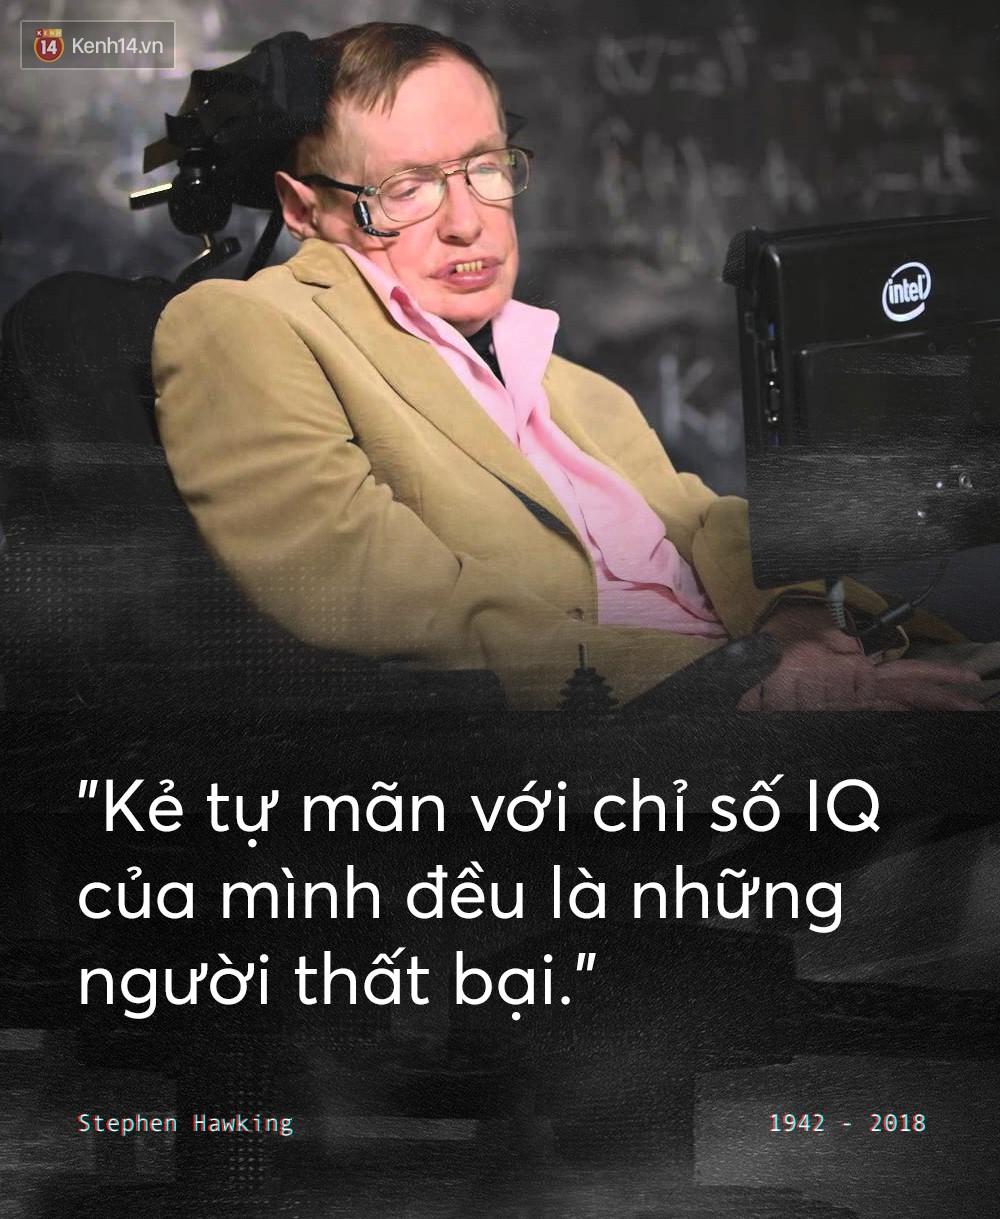 Những câu nói để đời của Stephen Hawking: Từ suy nghĩ giản đơn về cuộc đời cho tới triết lý mang tầm vũ trụ - Ảnh 12.